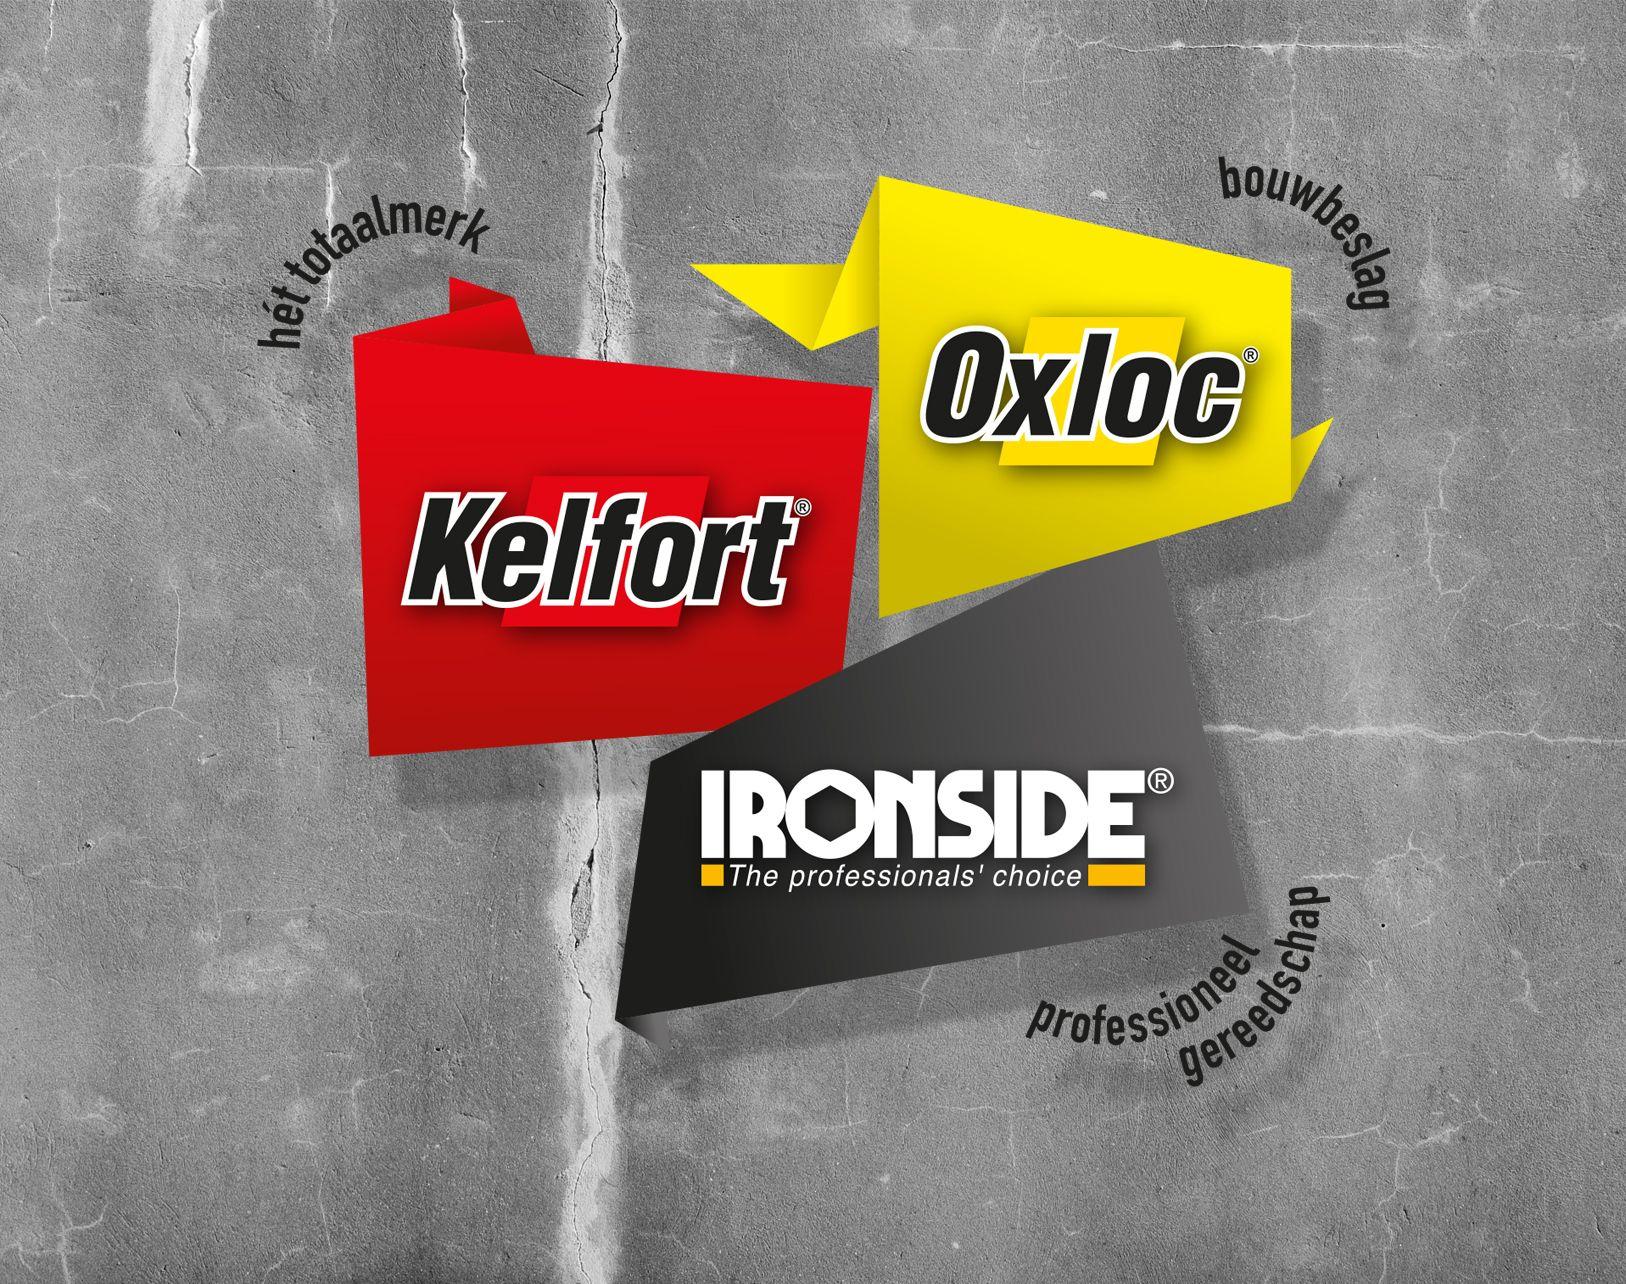 Illustratie 3 logo's Kelfort, Oxloc & Ironside